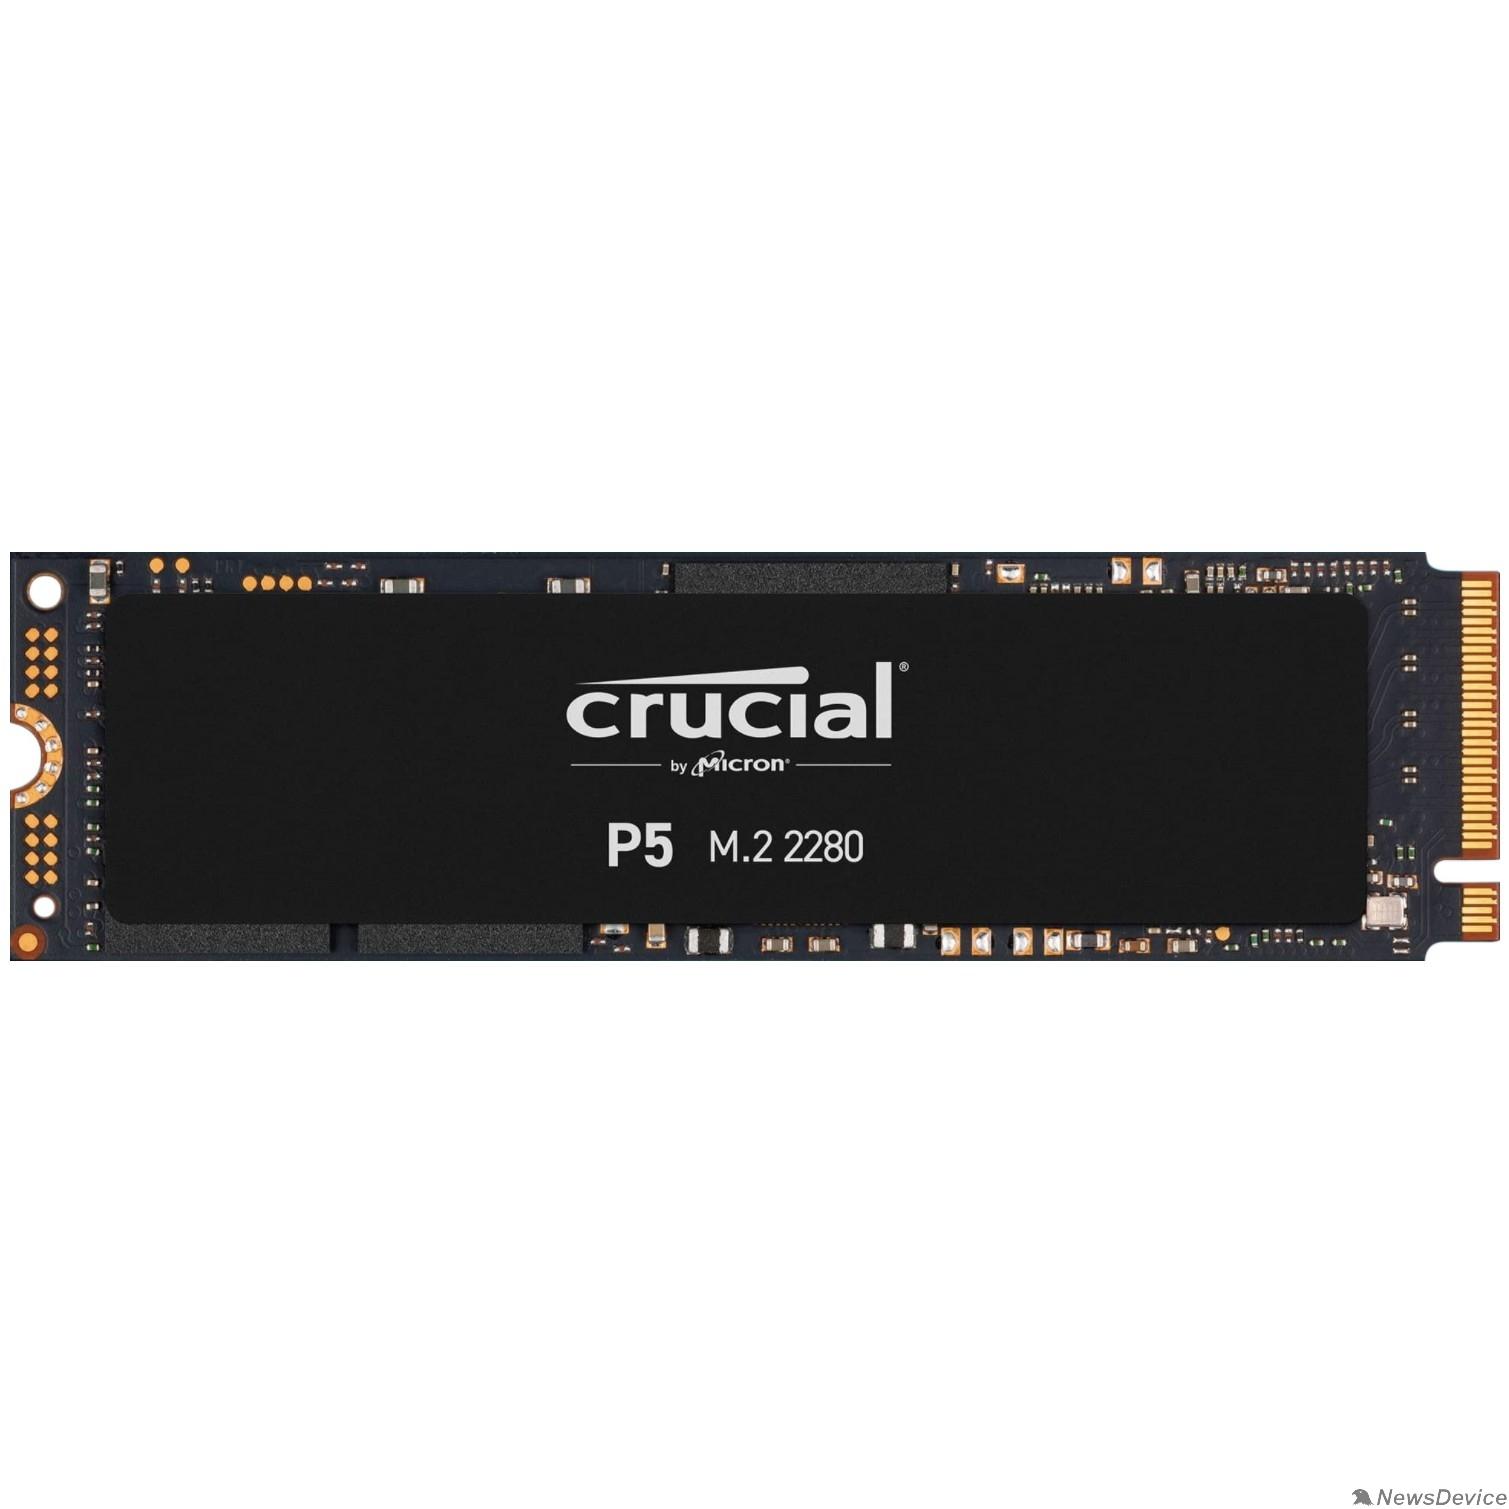 накопитель Crucial SSD 500GB P5 M.2 NVMe PCIEx4 80mm Micron 3D NAND, 7mm CT500P5SSD8